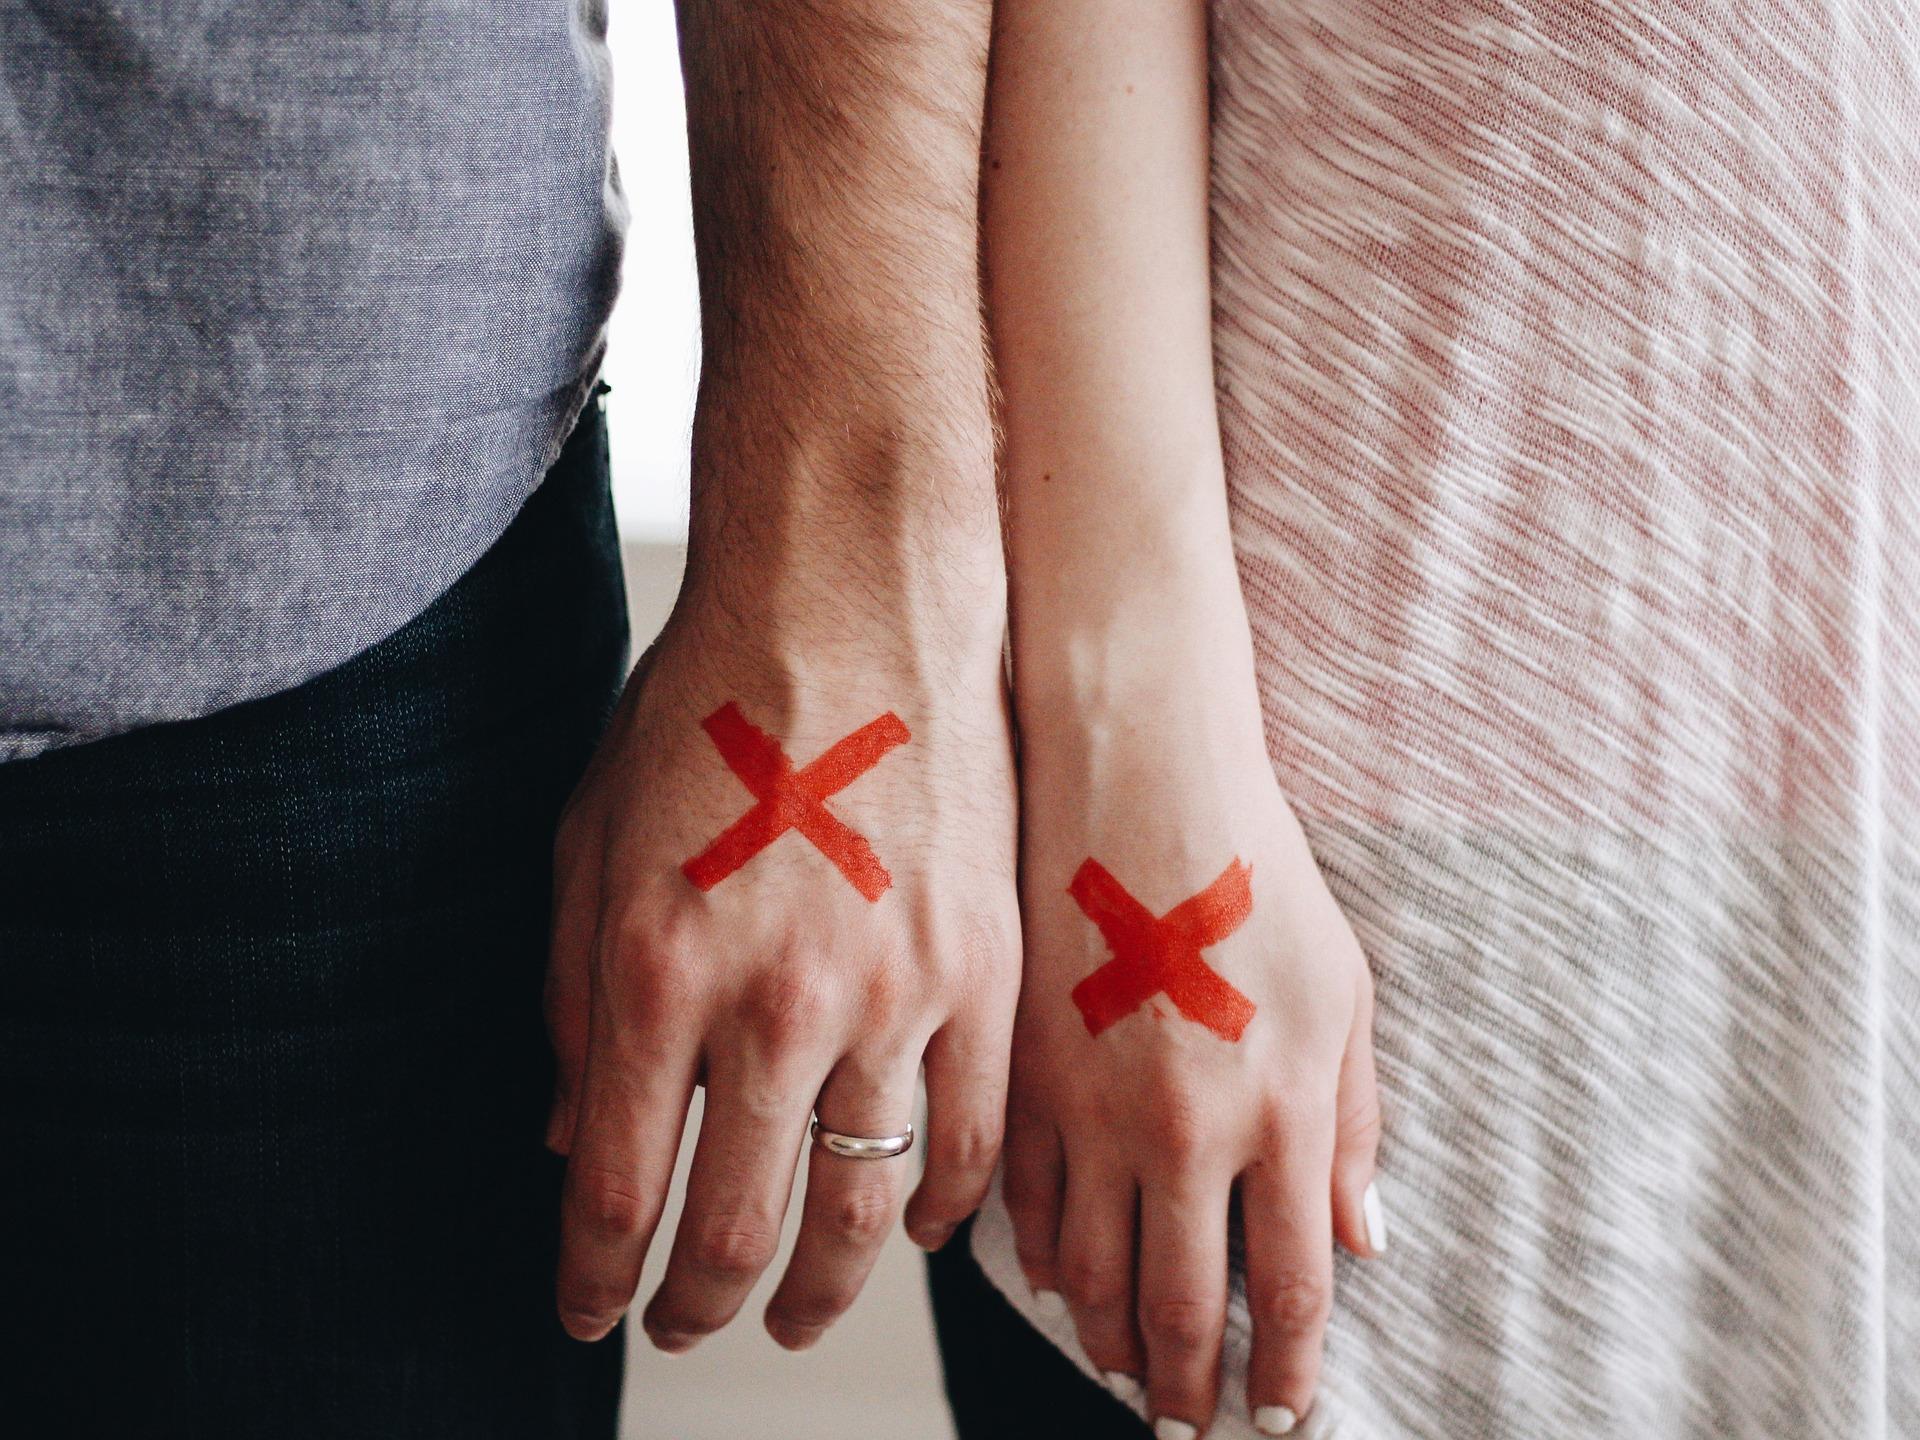 Kuvituskuva Kädet vierekkäin, kämmenselissä punainen rasti